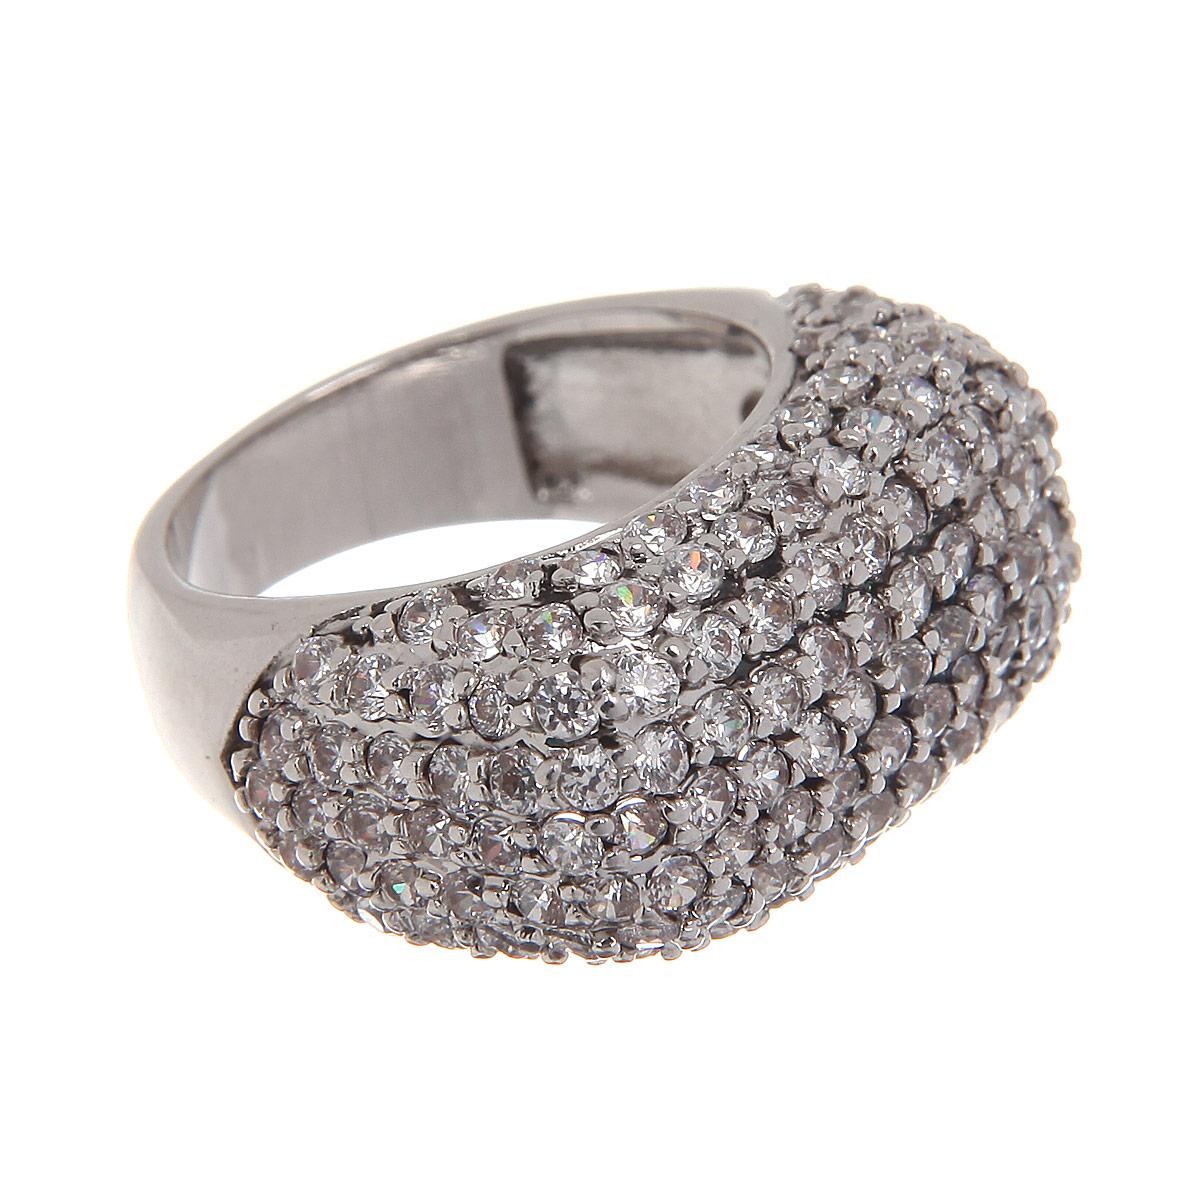 Кольцо Taya, цвет: серебристый. Размер 17. T-B-4379T-B-4379-RING-RHODIUMВеликолепное кольцо Taya выполнено из гипоаллергенного металлического сплава на основе латуни. Изысканное кольцо дополнено россыпью мелких прозрачных кристаллов. Идеальная огранка камней заставляет их сверкать при любом освещении. Кольцо подчеркнет вашу яркую индивидуальность и поможет создать неповторимый образ.